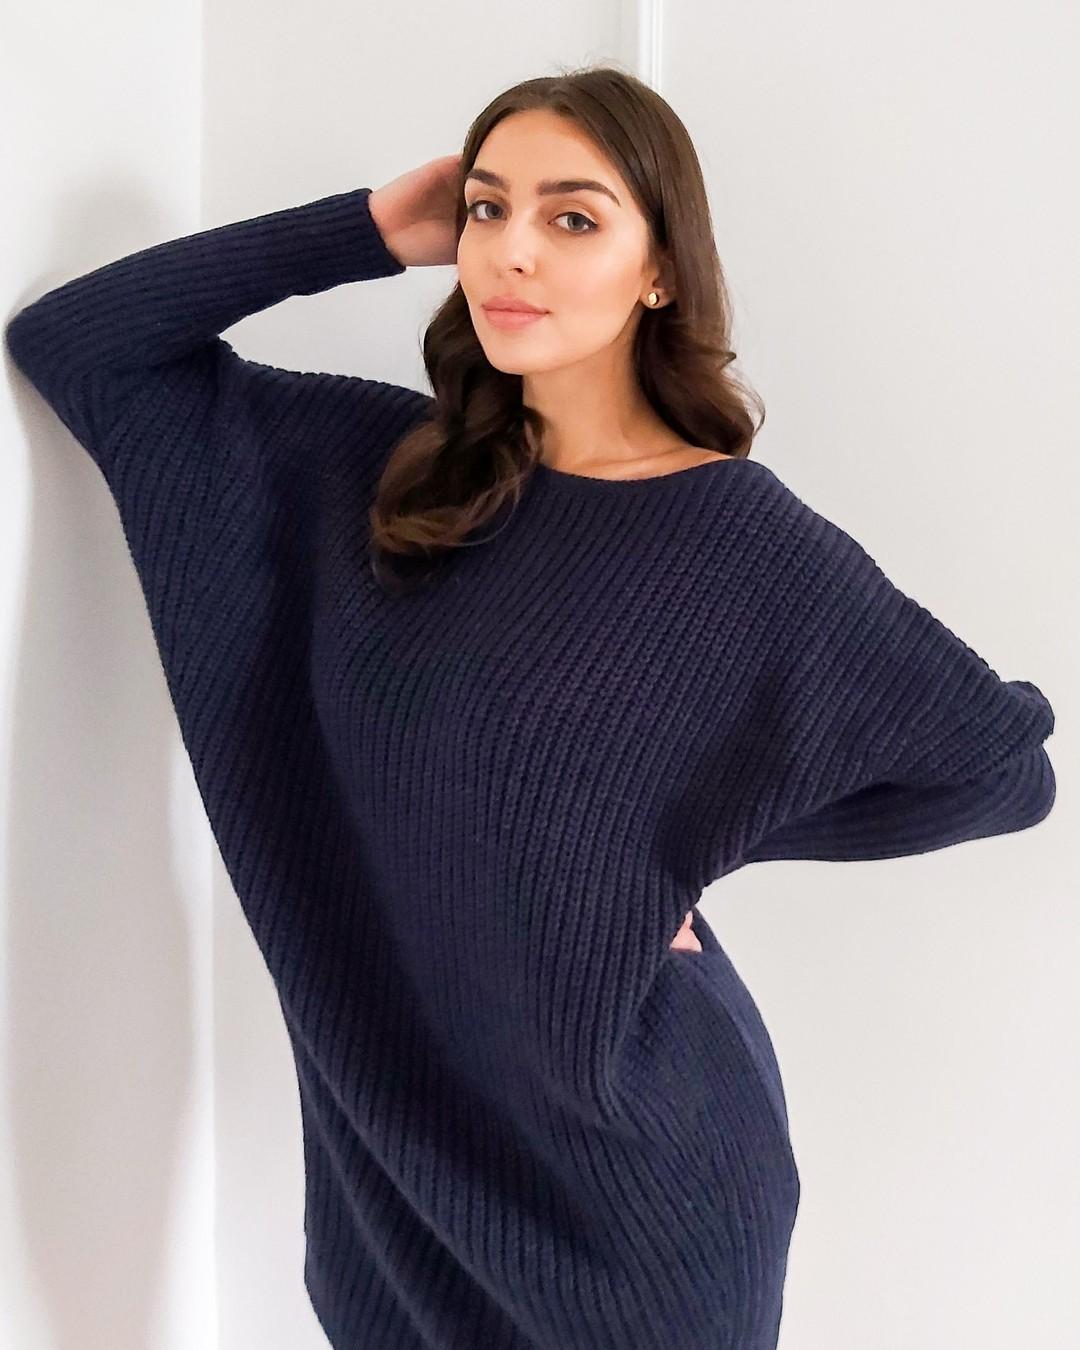 Obszerny fason zwężany ku dołowi, długość do połowy uda, opuszczony rękaw ze zwężeniem od łokcia, dekolt w łódkę, pierwsza jakość, bardzo staranne wykończenie, wyprodukowana w dziewiarni pod Częstochową z przędzy pochodzącej z UE. #tunika #sweter #swetrowatunika #swetrowasukienka #pomysłnastylizacje #1947